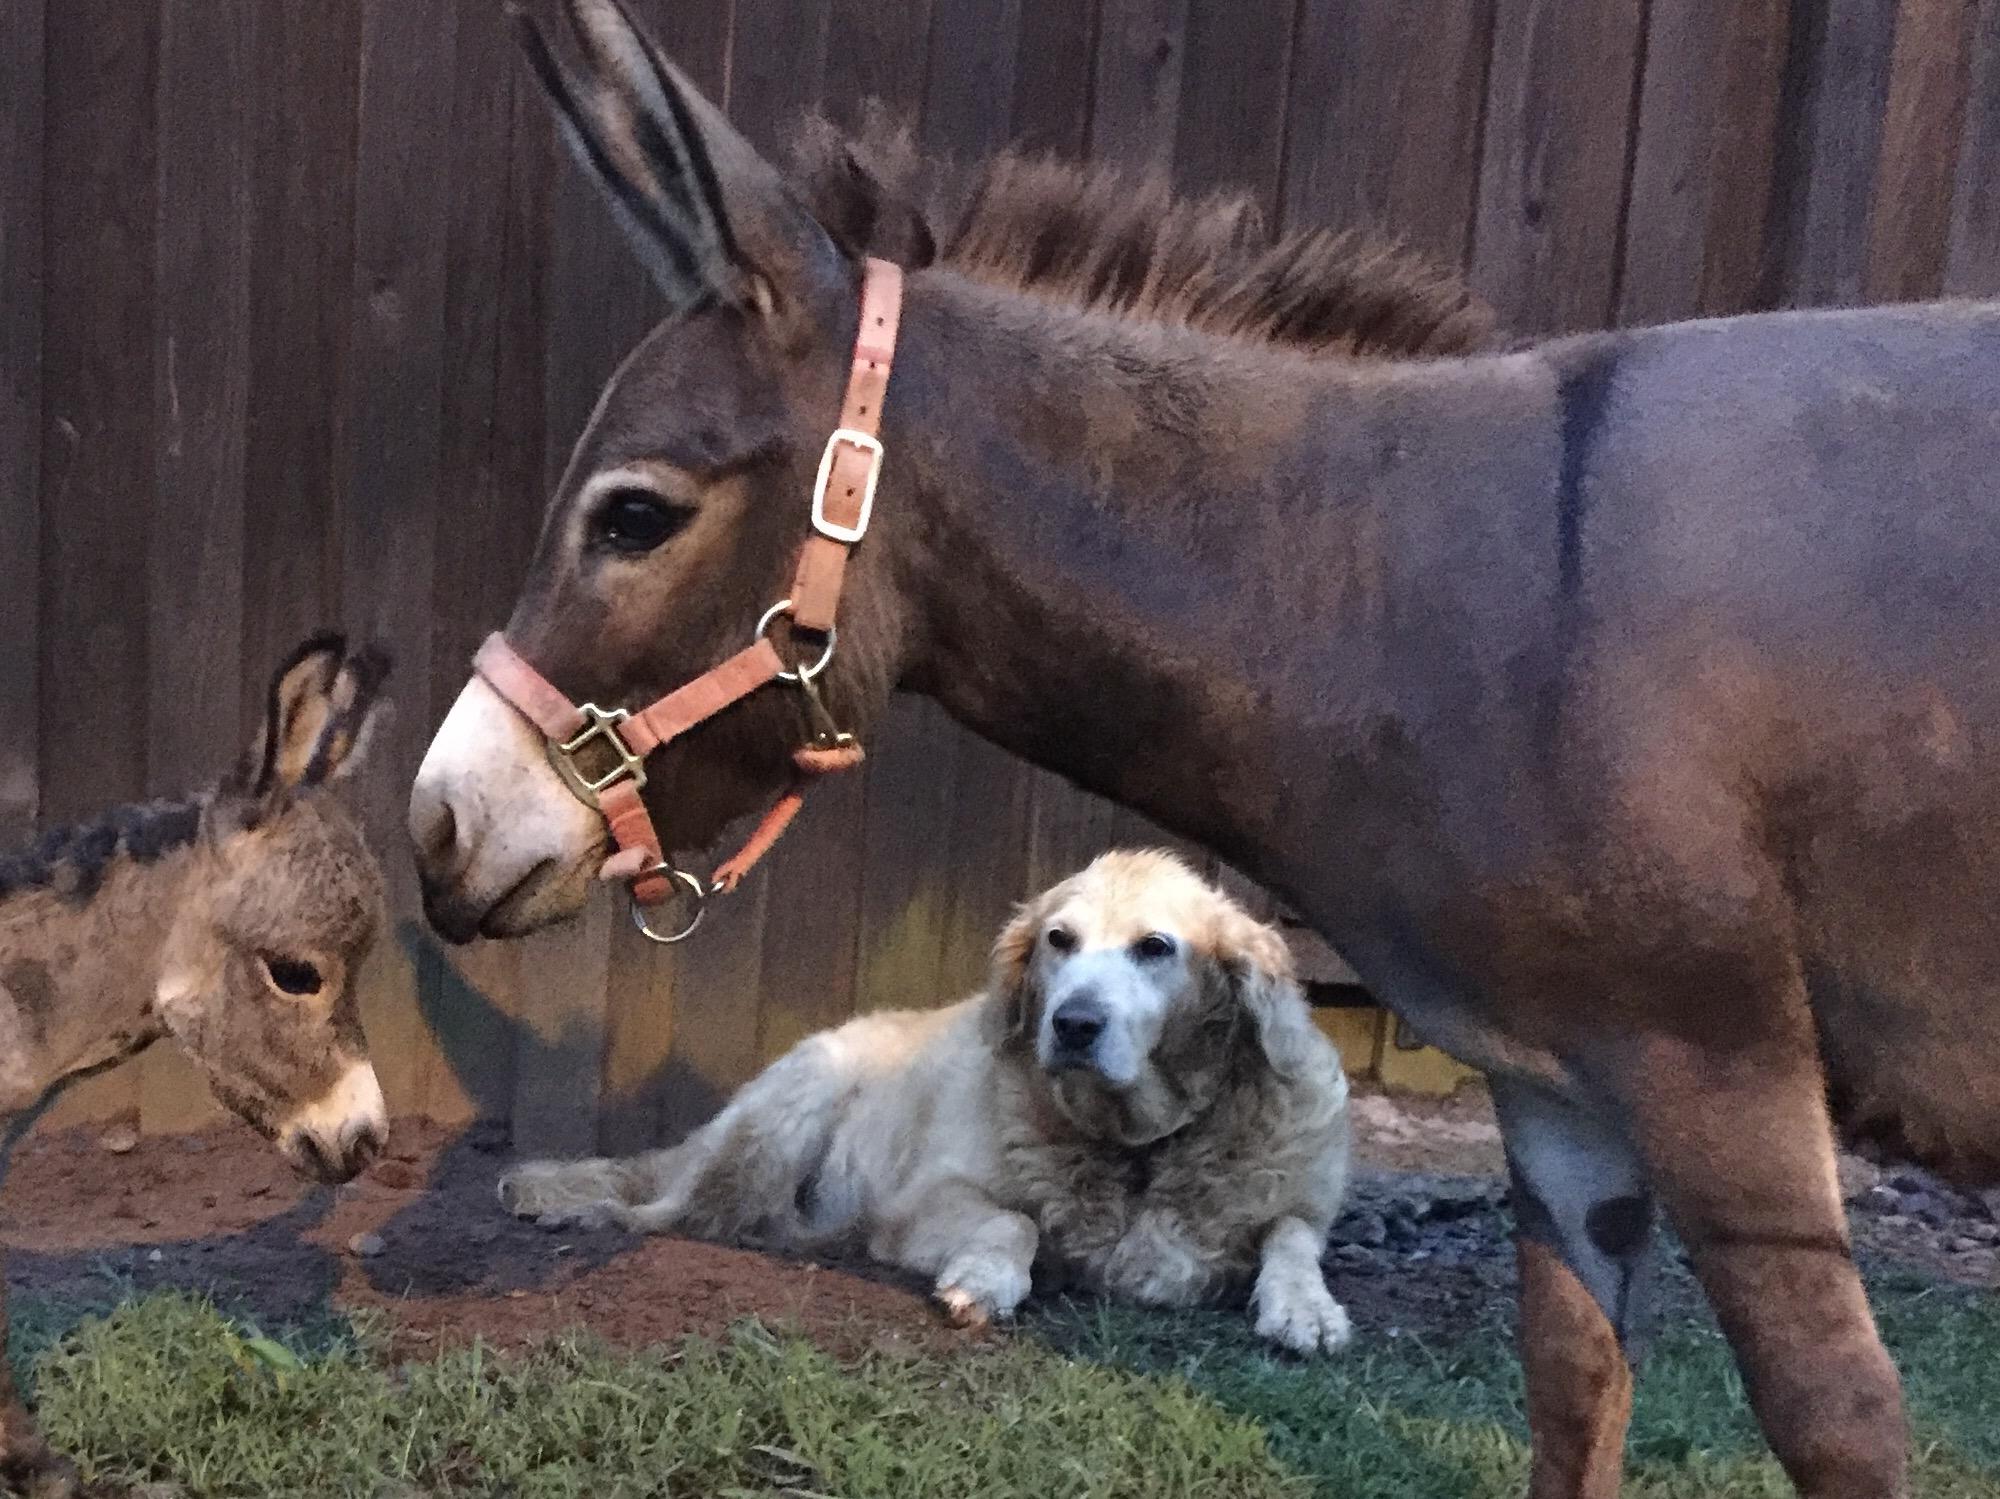 donkey - Copy - Copy - Copy - Copy.jpg